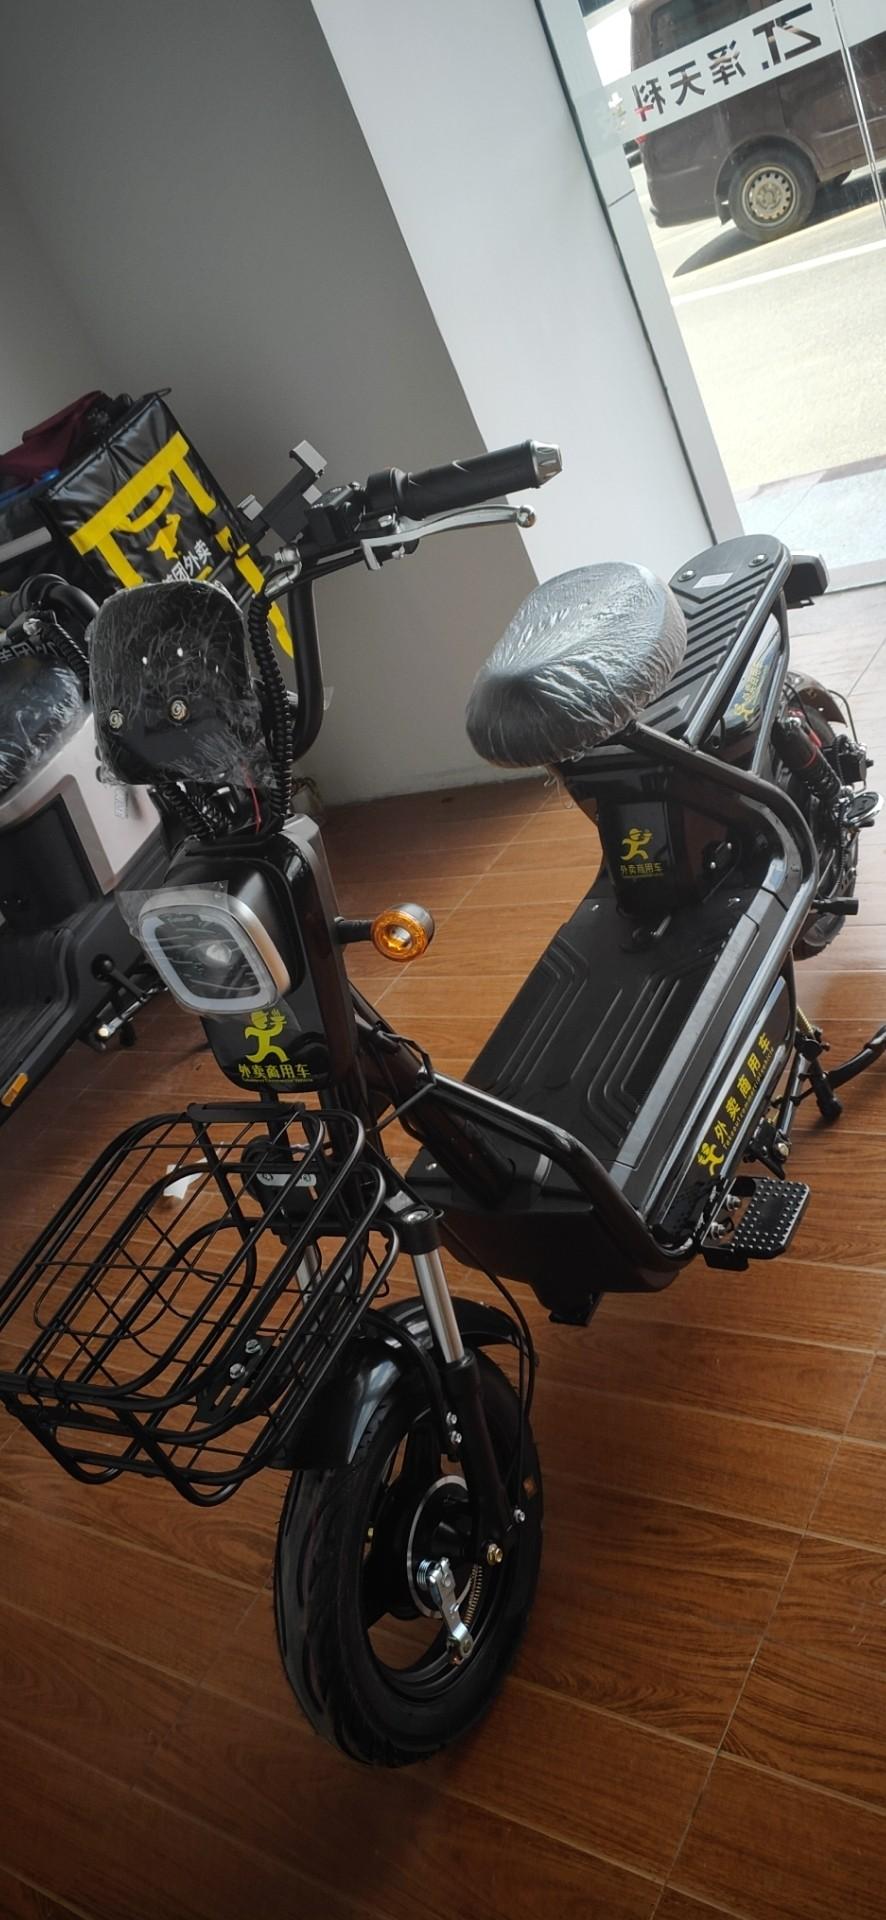 傲邦電動單車(350押金670)